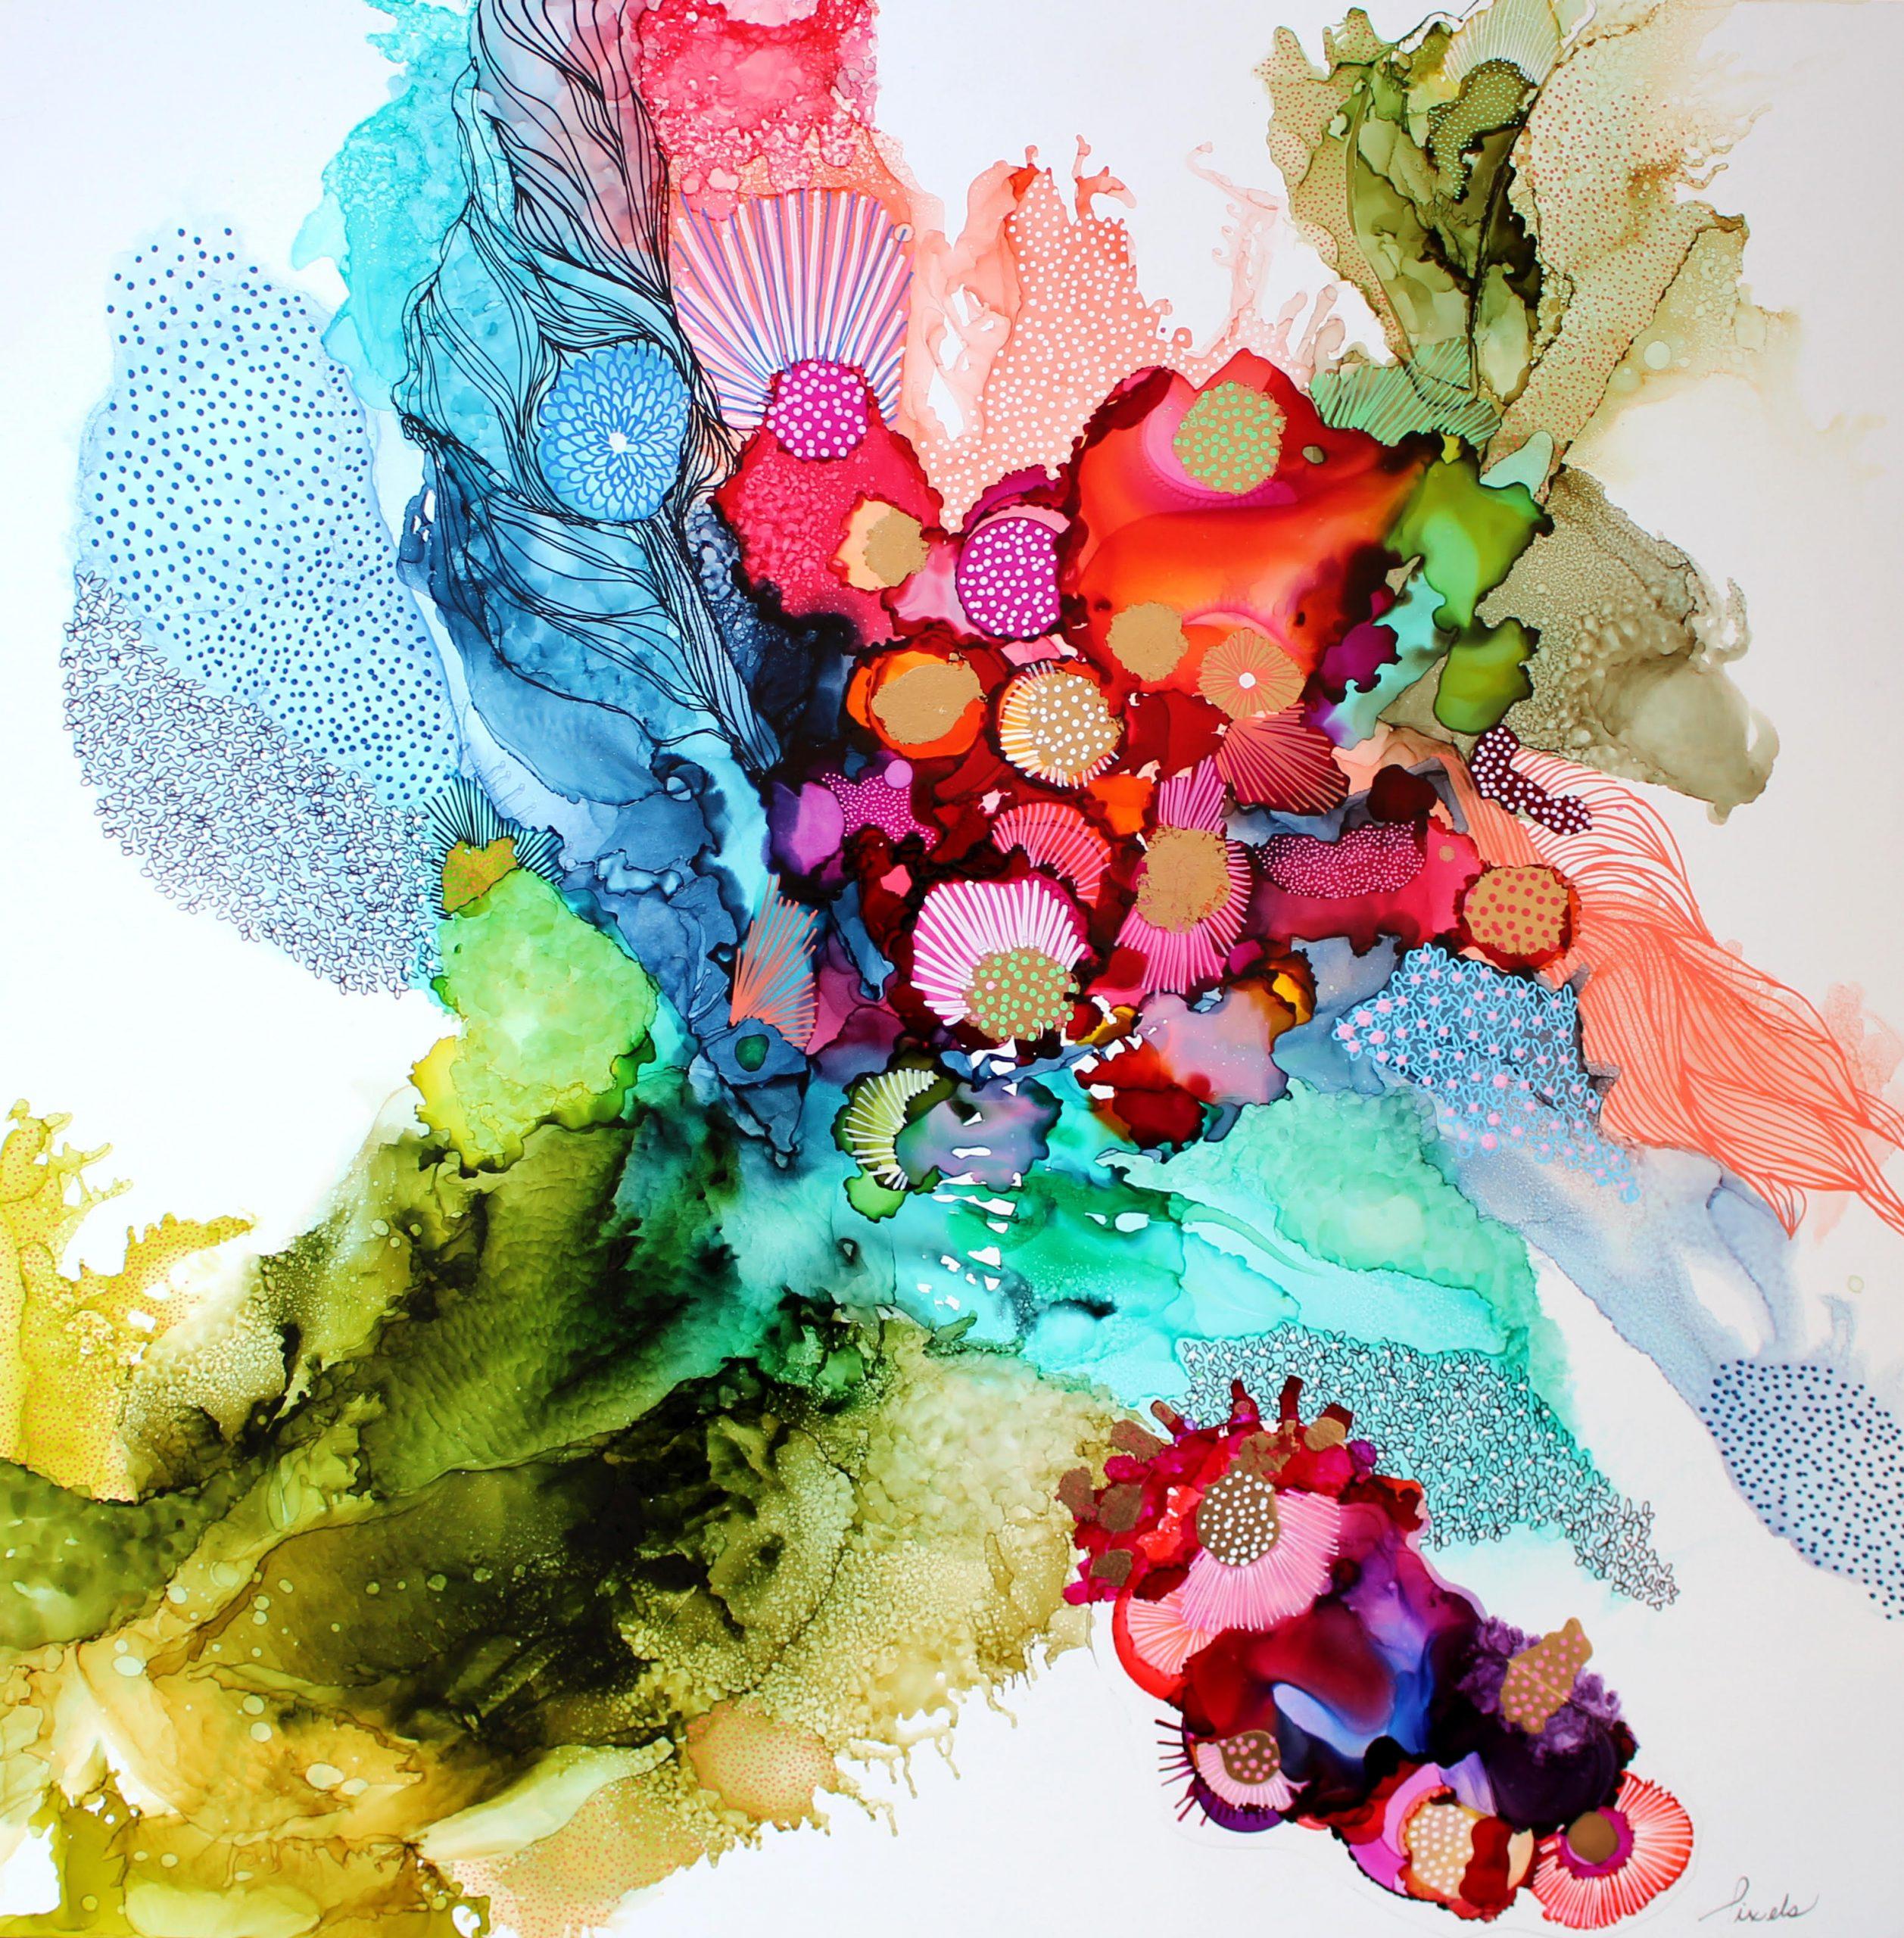 Pixels, oeuvre encre, artiste galerie roccia